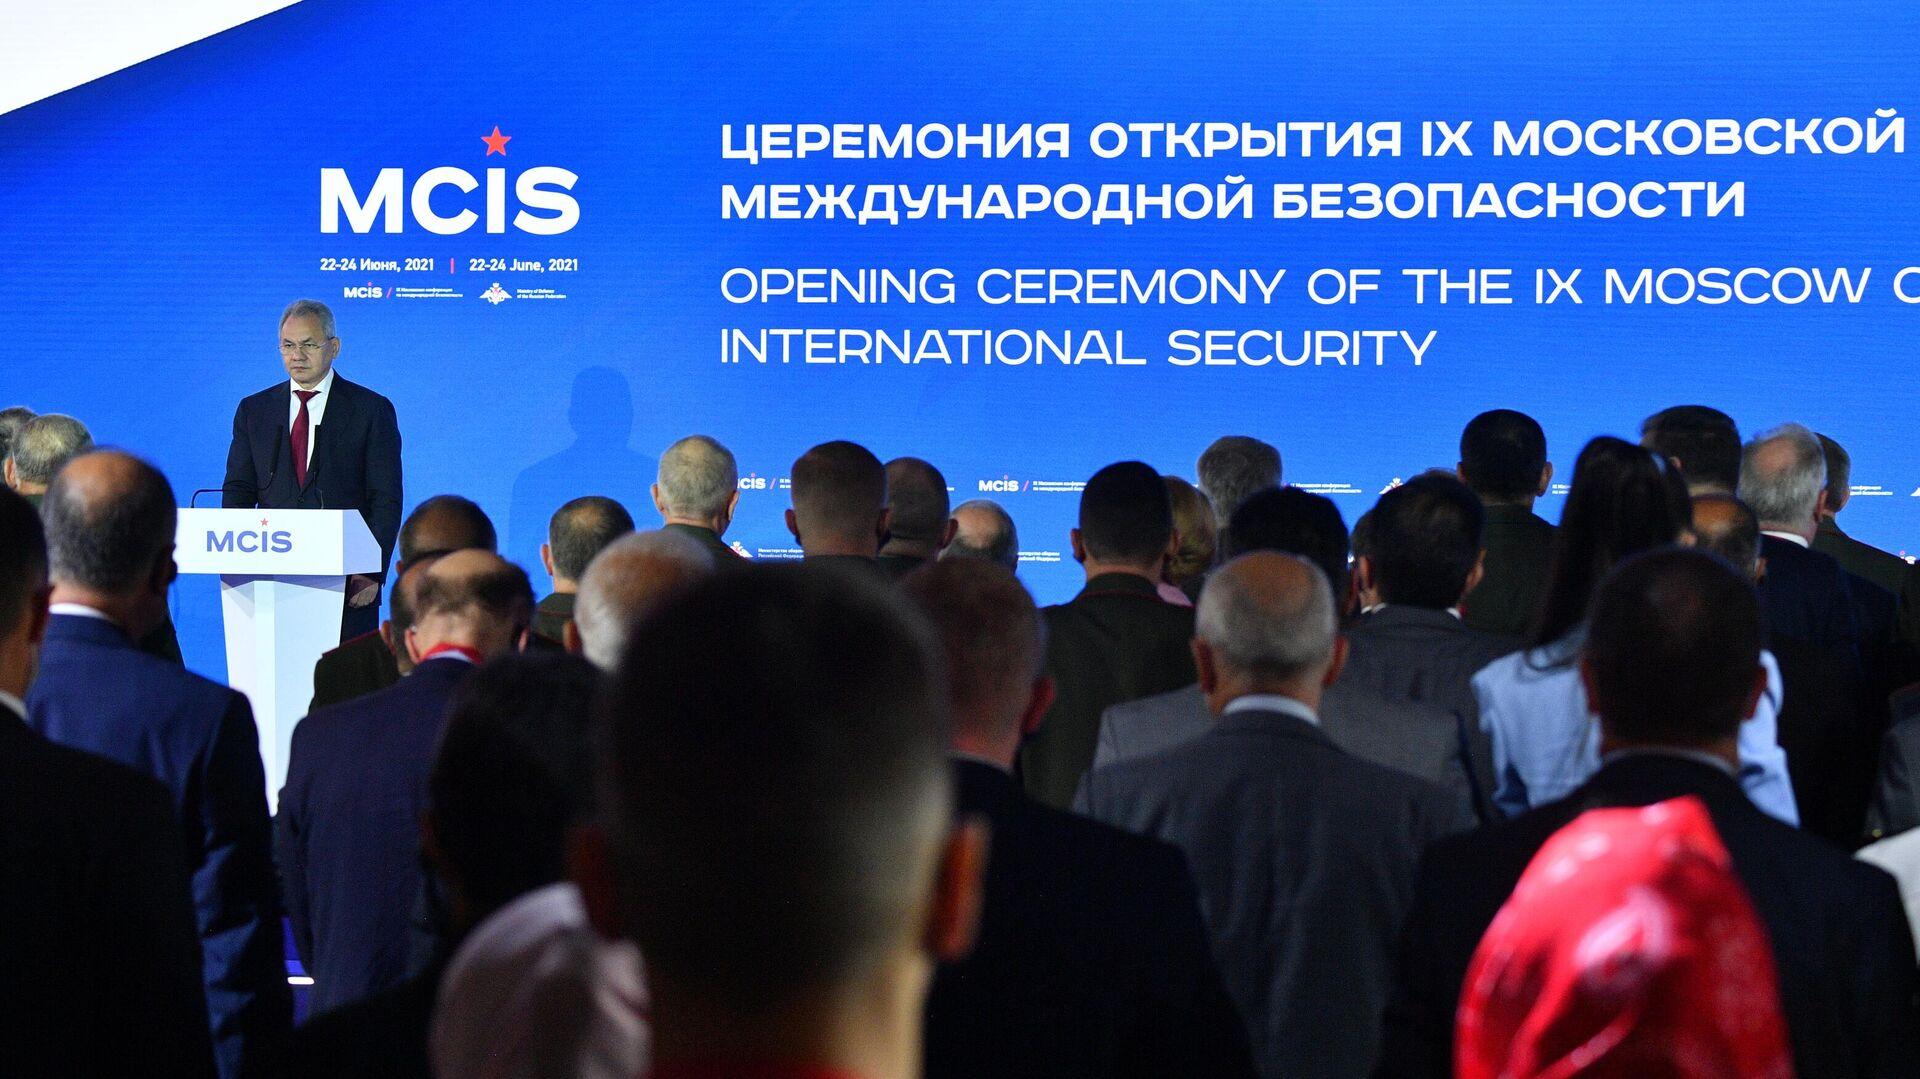 Министр обороны РФ Сергей Шойгу выступает на IX Московской конференции по международной безопасности в Москве - РИА Новости, 1920, 23.06.2021